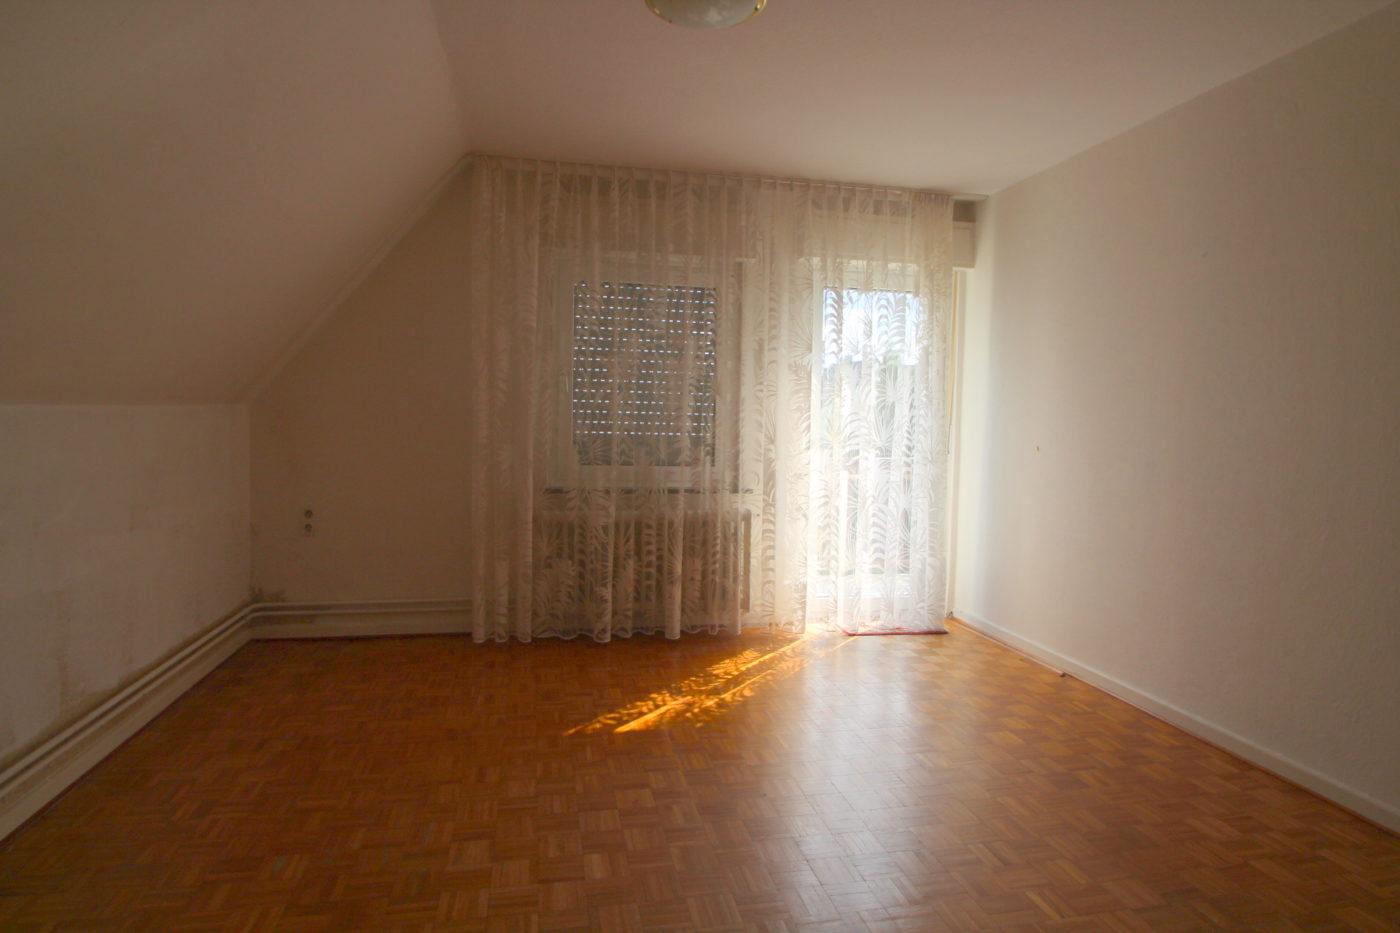 Vorher Foto Blickfang Home Staging. Sie möchten Ihren Wohnräumen ein neues Aussehen verleihen? Ihre Immobilie soll eine möglichst breite Gruppe von potenziellen Käufern ansprechen? Dann rufen Sie uns an Blickfang Homestaging in Soest, DIE Home Staging Experten im Kreis Soest